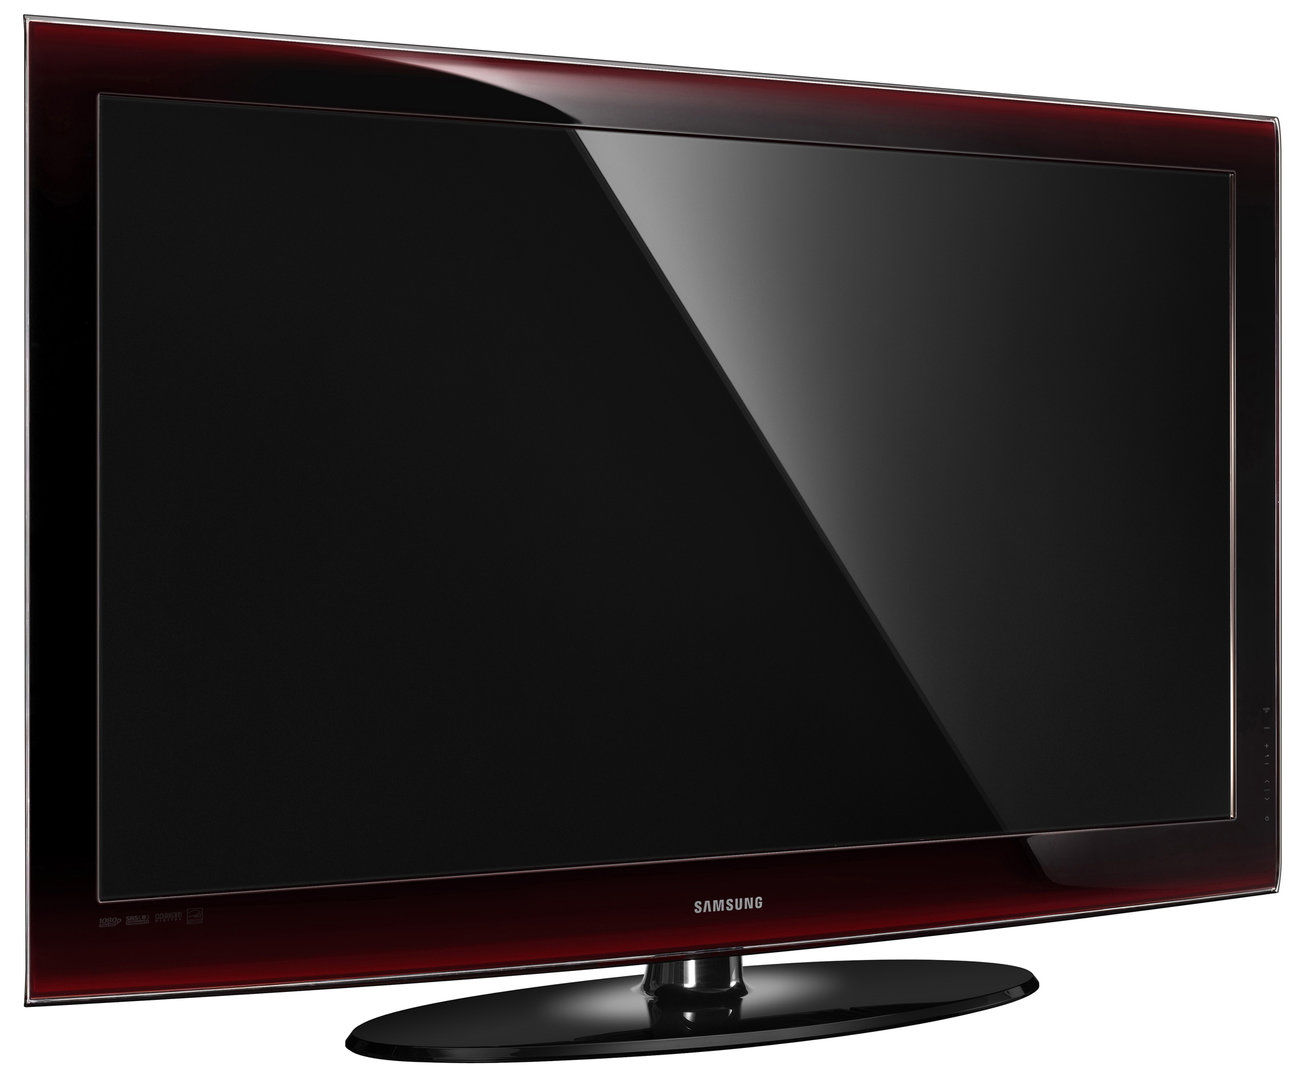 Samsung LCD-HDTV-Serie 6